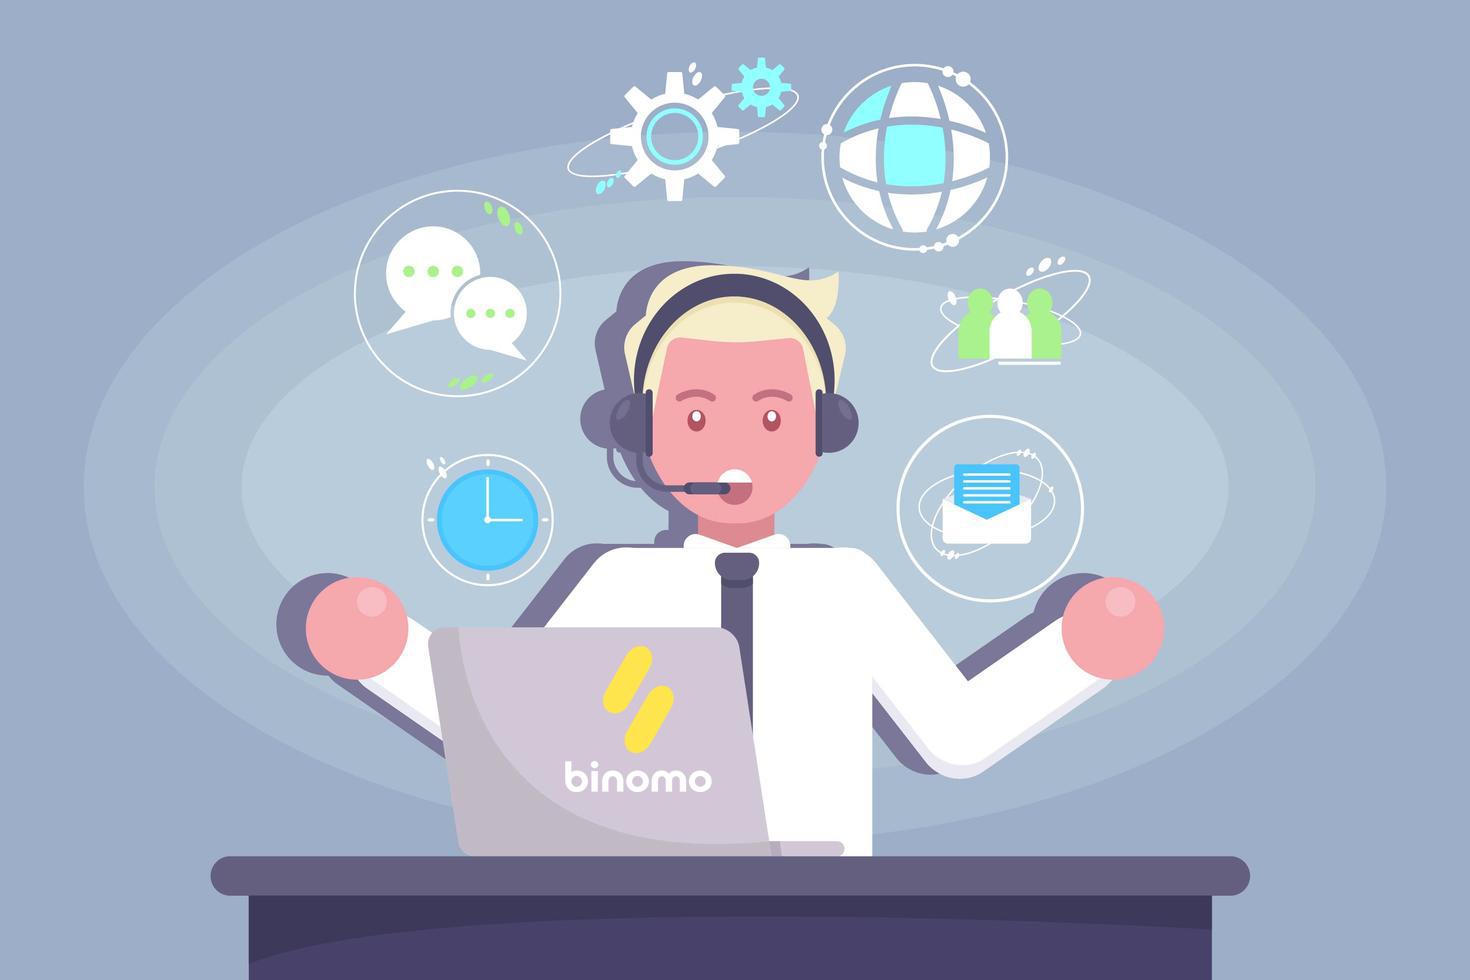 如何联系 Binomo 支持